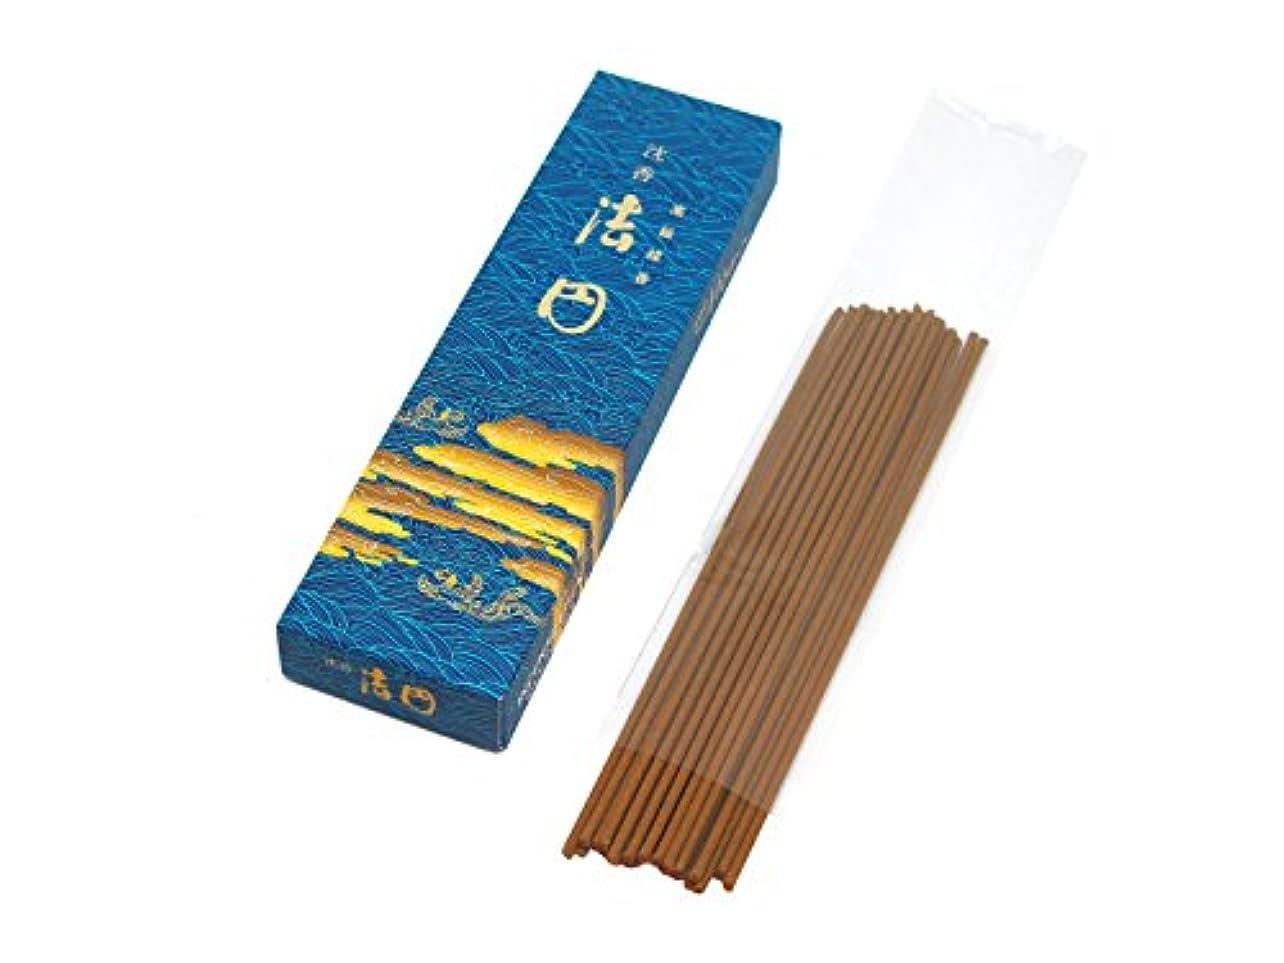 フレッシュフレッシュ顕現gyokushodo Agarwood / Aloeswood / Oud Japanese Incense Sticks jinko Hoenスモールパックトライアルサイズ5.5インチ30 Sticks日本製